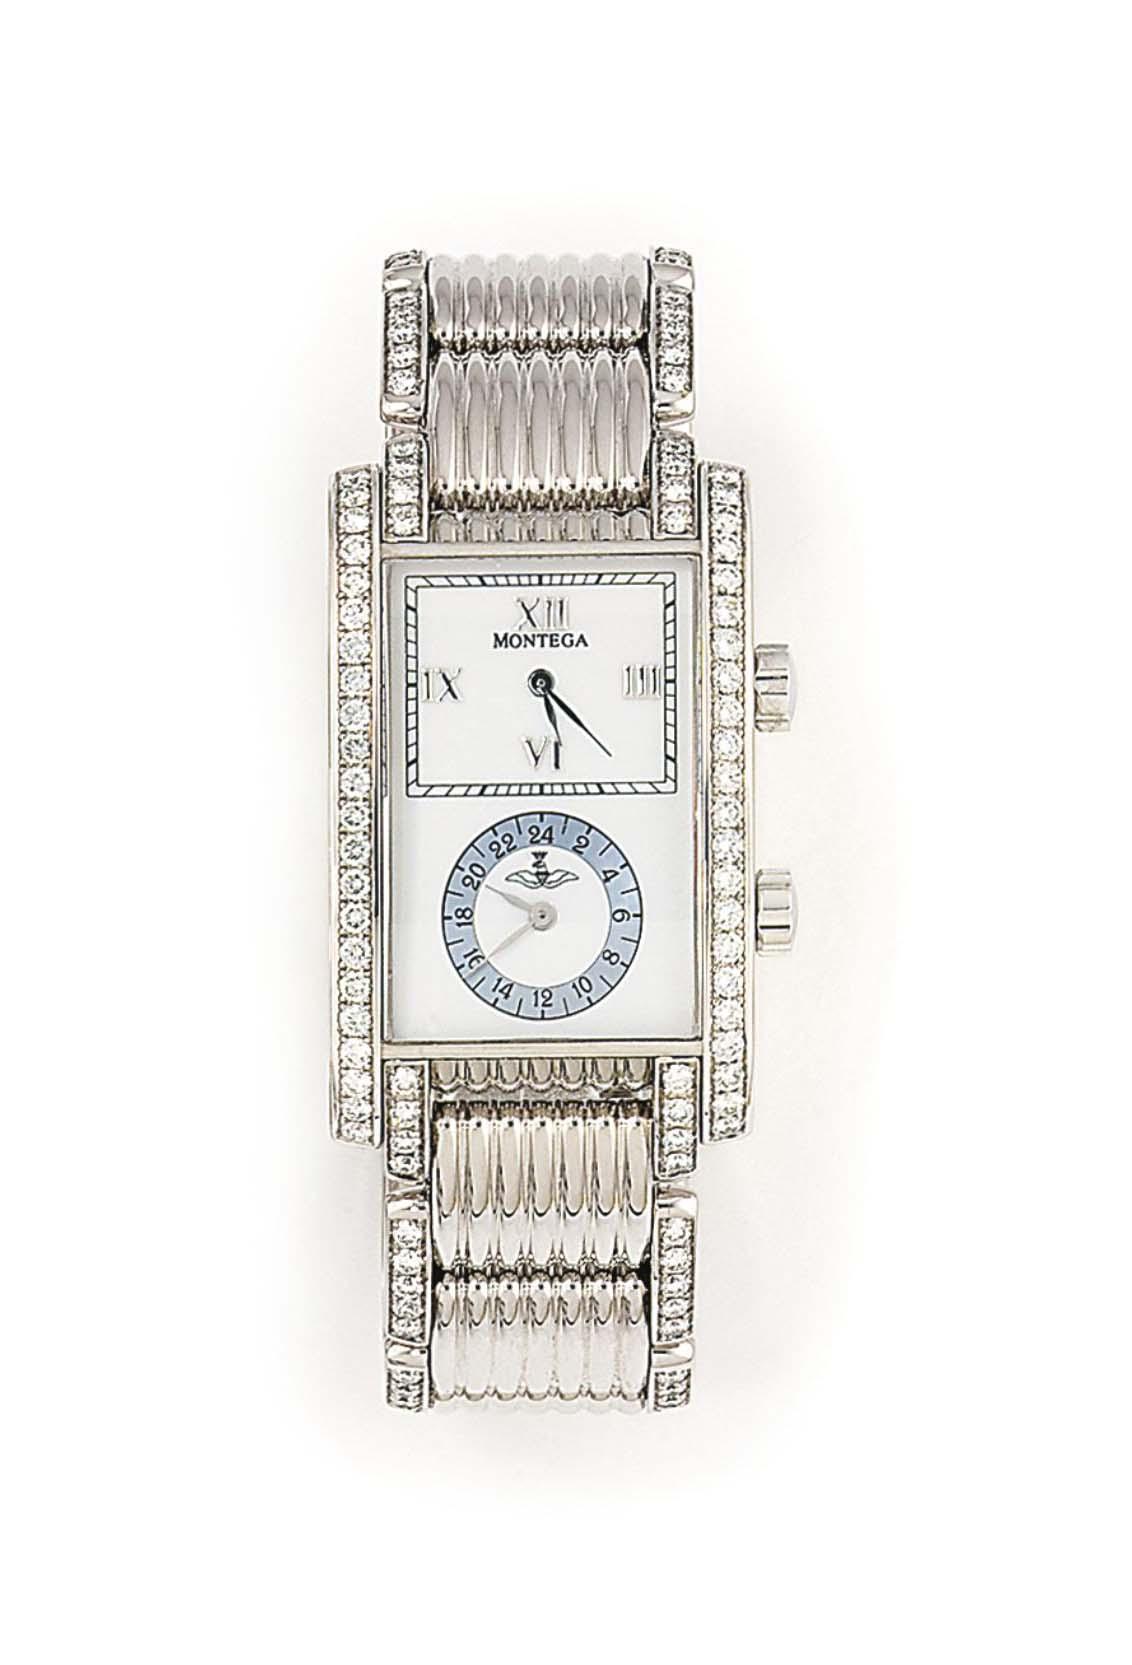 A DIAMOND-SET DUAL TIME QUARTZ WRISTWATCH, BY MONTEGA